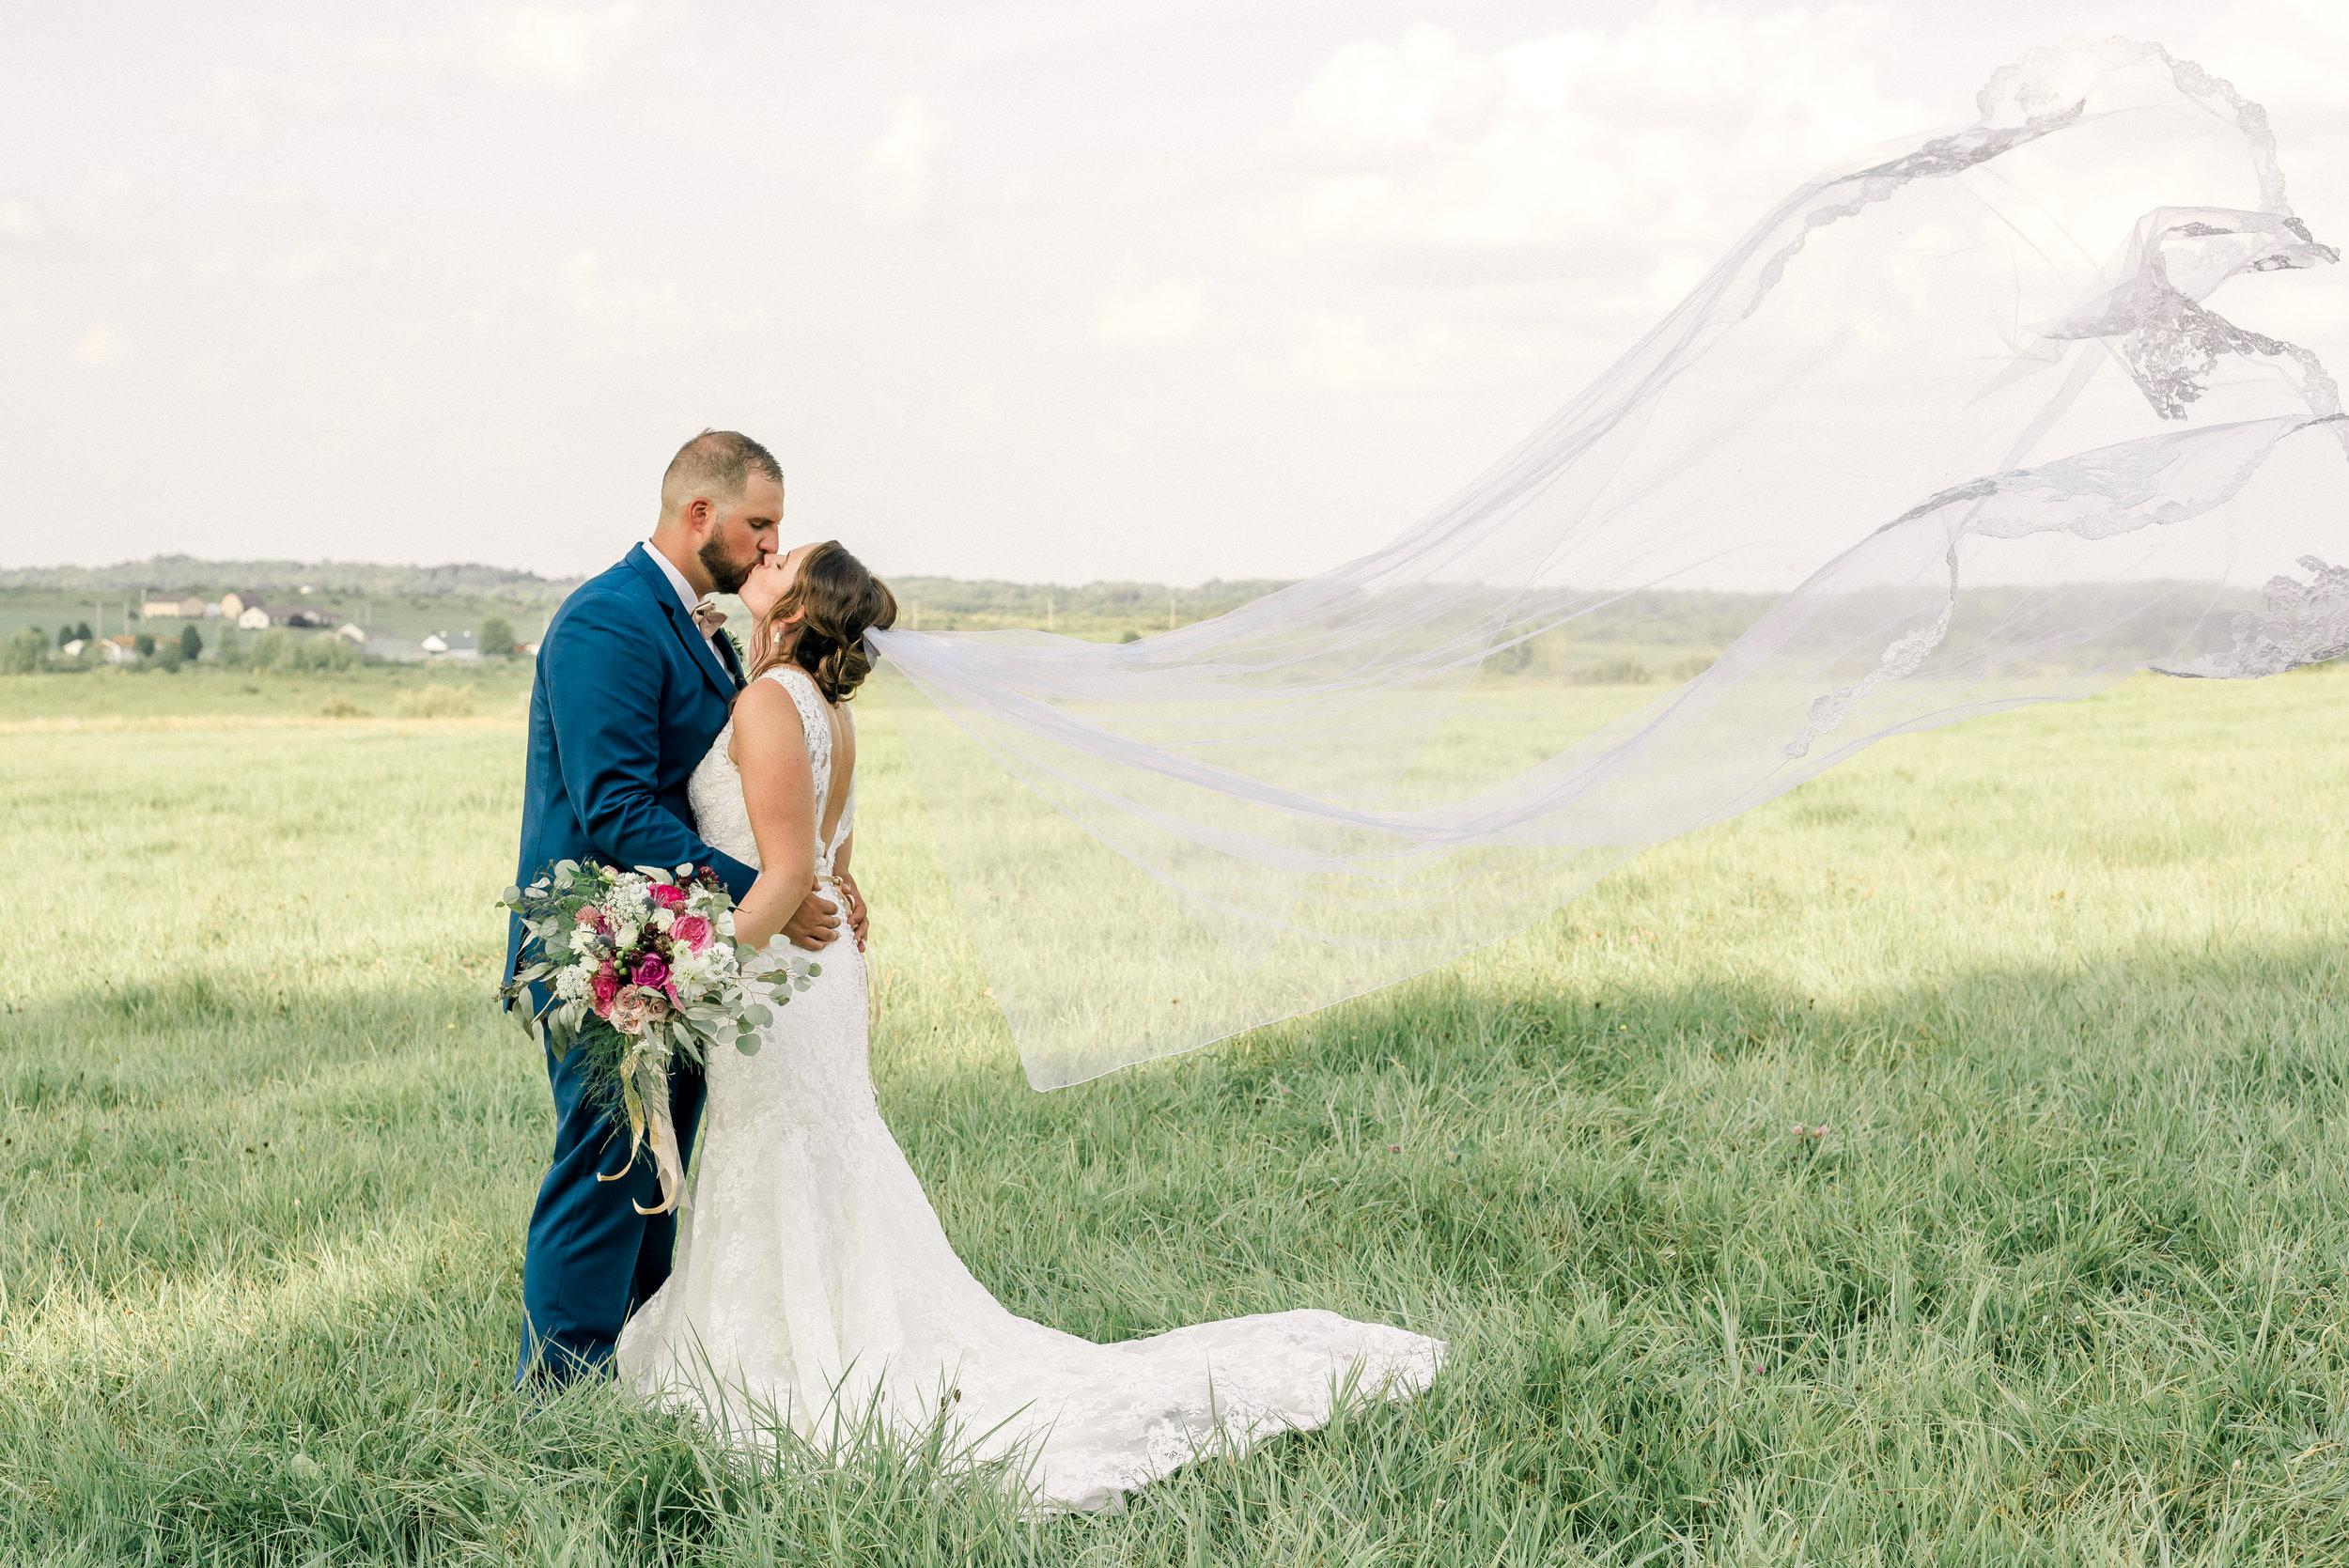 rustic-acres-farm-wedding-23.jpg